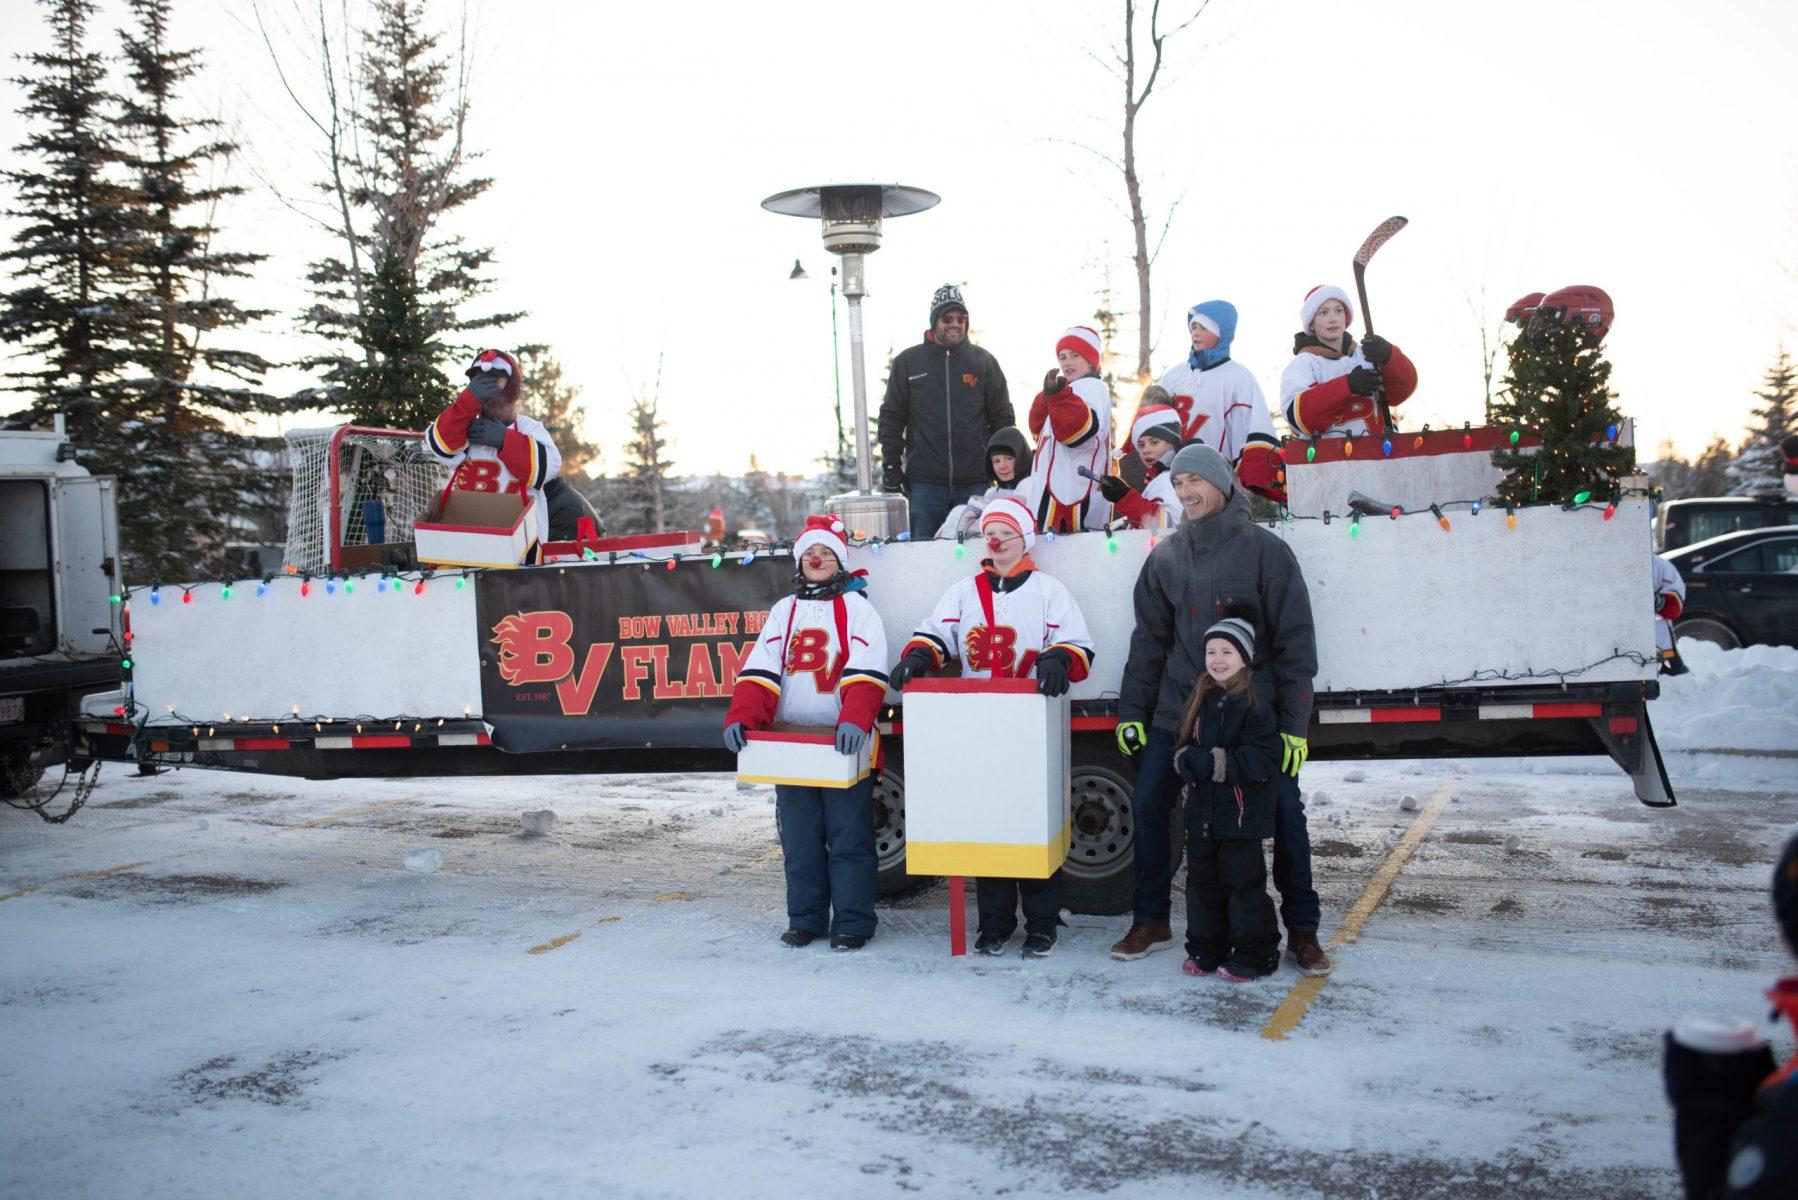 Auburn-Bay-Christmas-Parade-2019-3-scaled